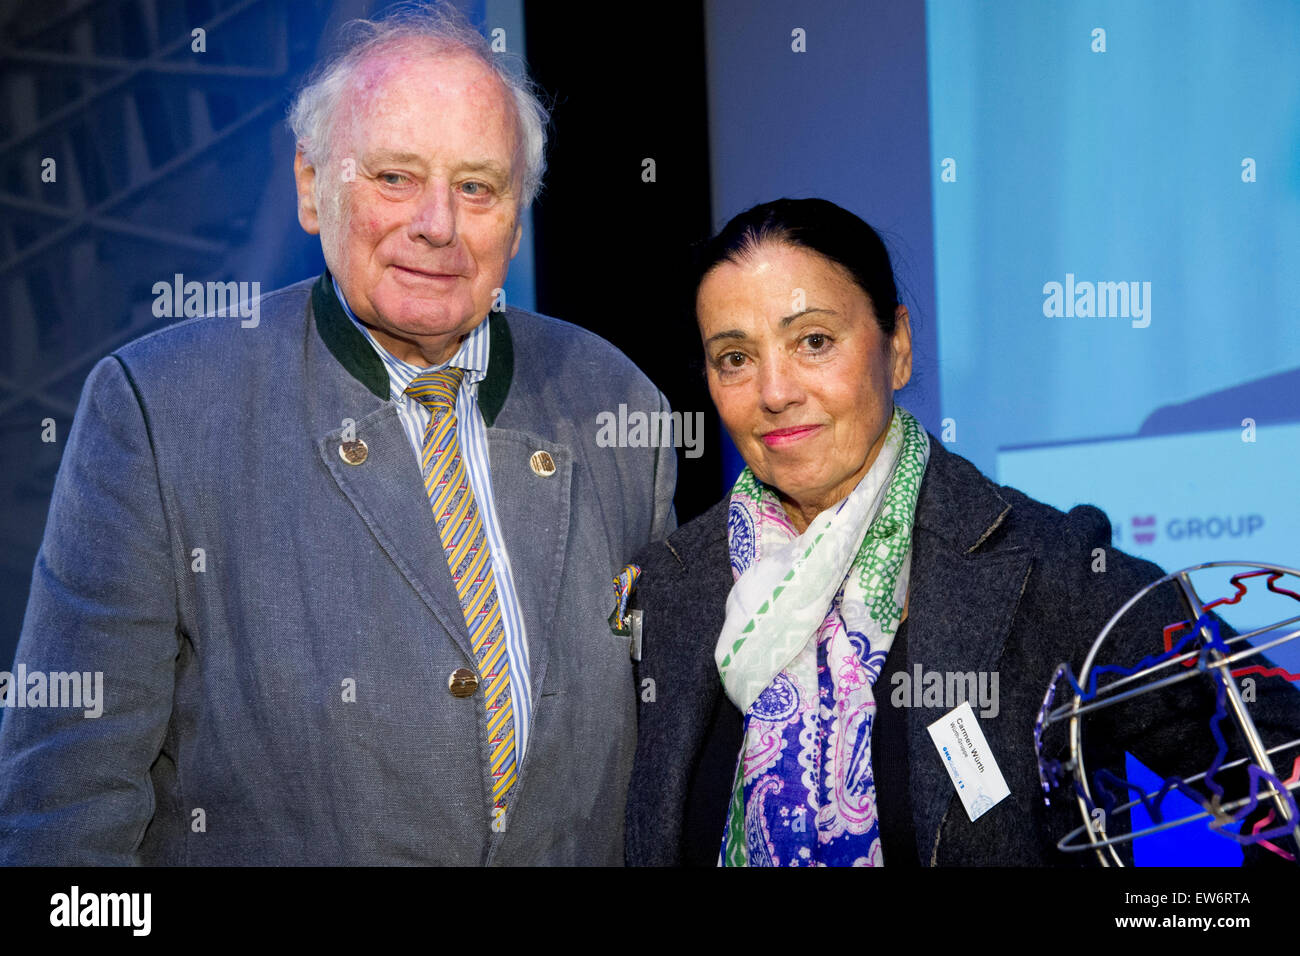 Prof. Dr. Reinhold WUERTH, WÃ_rth, Unternehmer, Vorsitzender des Stiftungsaufsichtsrats der Wuerth-Gruppe, - Stock Image